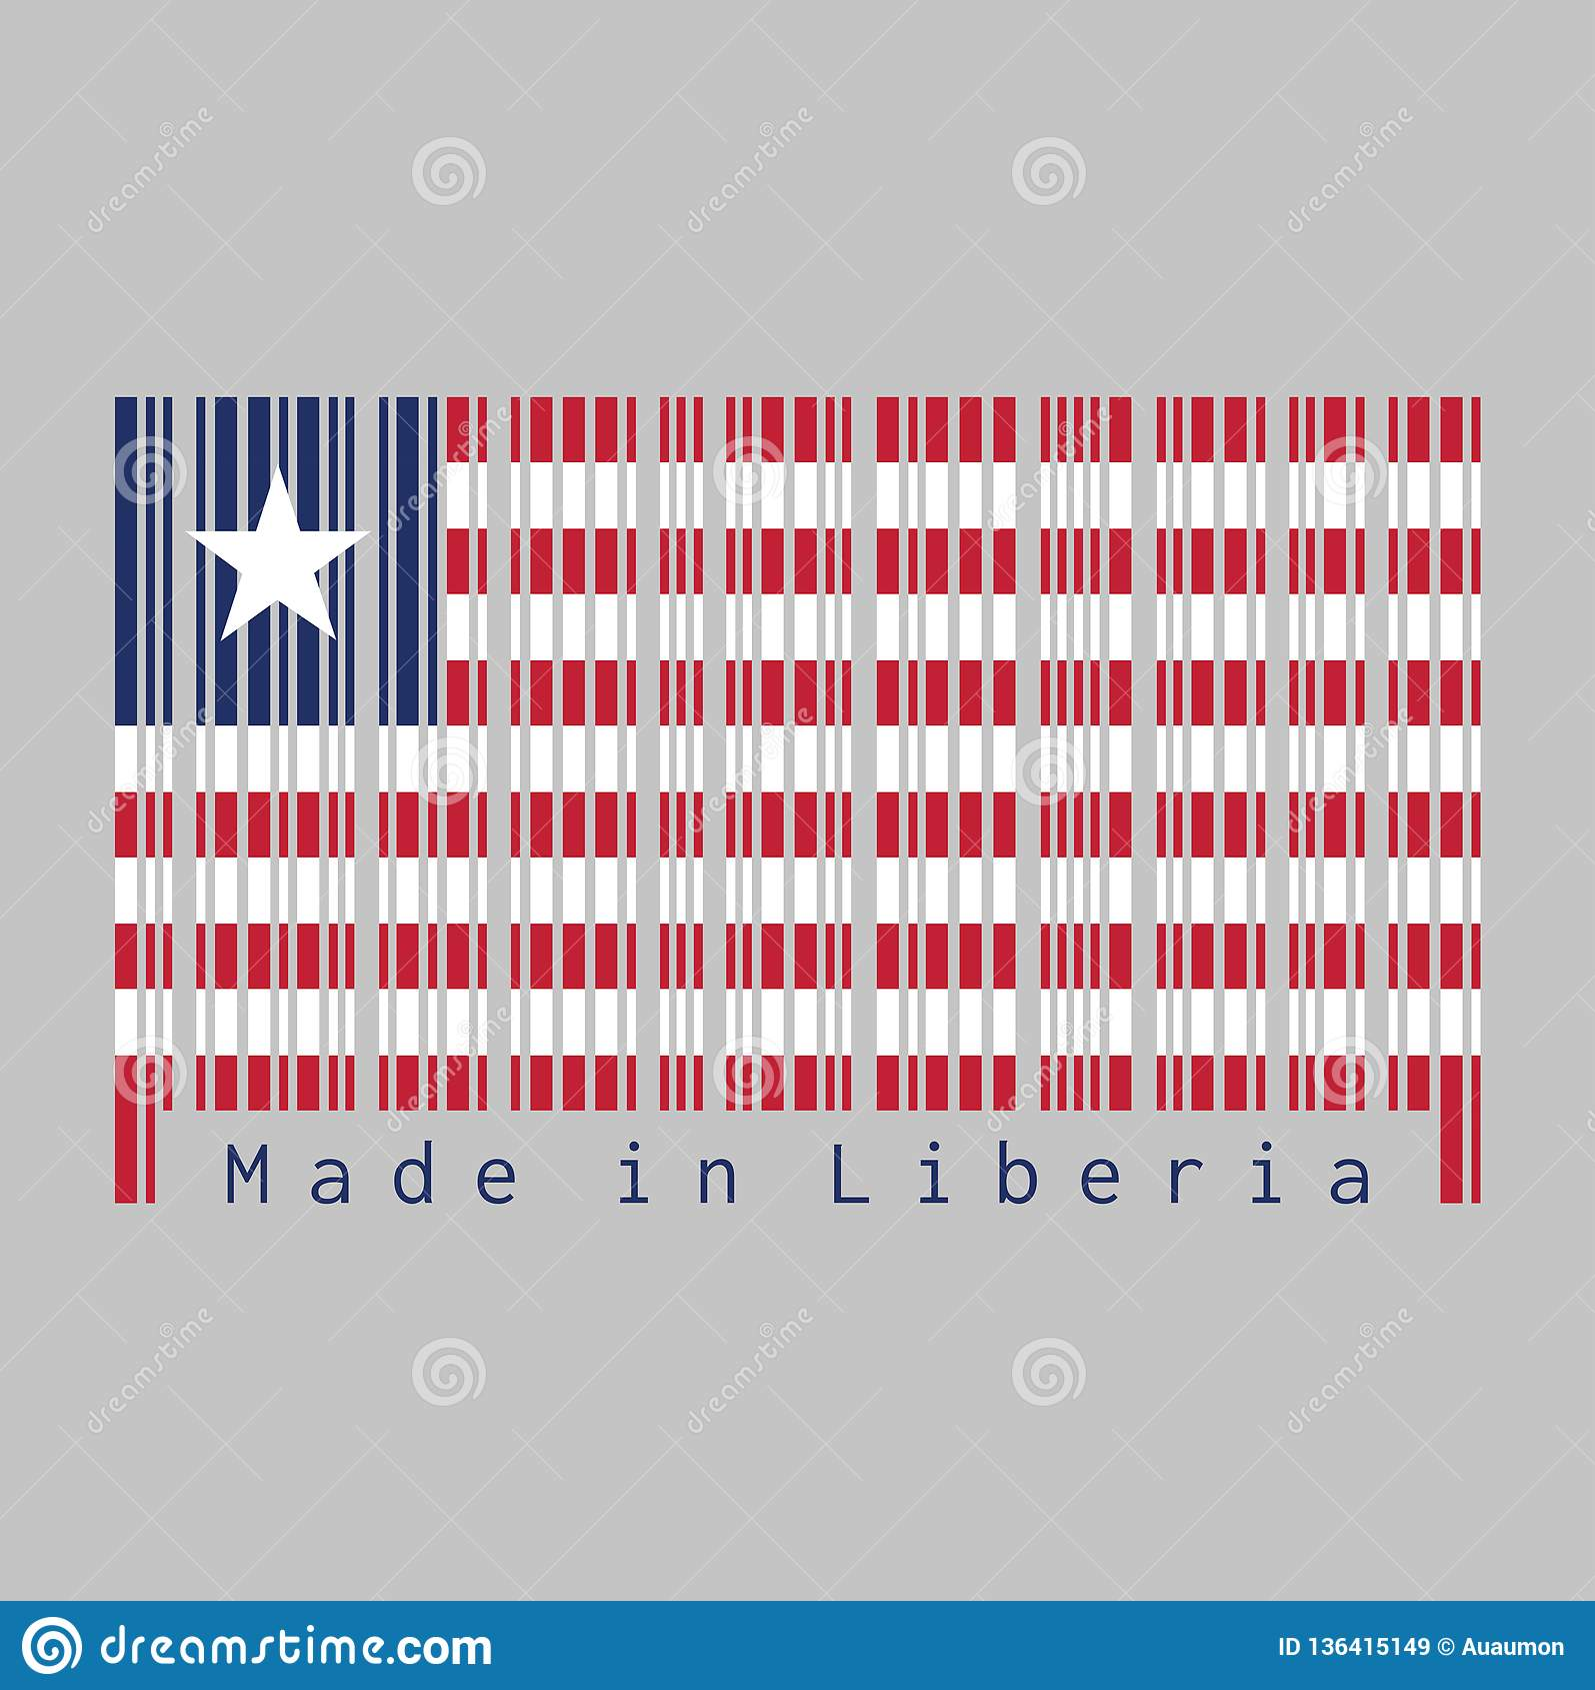 Il codice a barre ha fissato il colore della bandiera della Liberia, undici bande orizzontali di rosso e di bianco con la stella